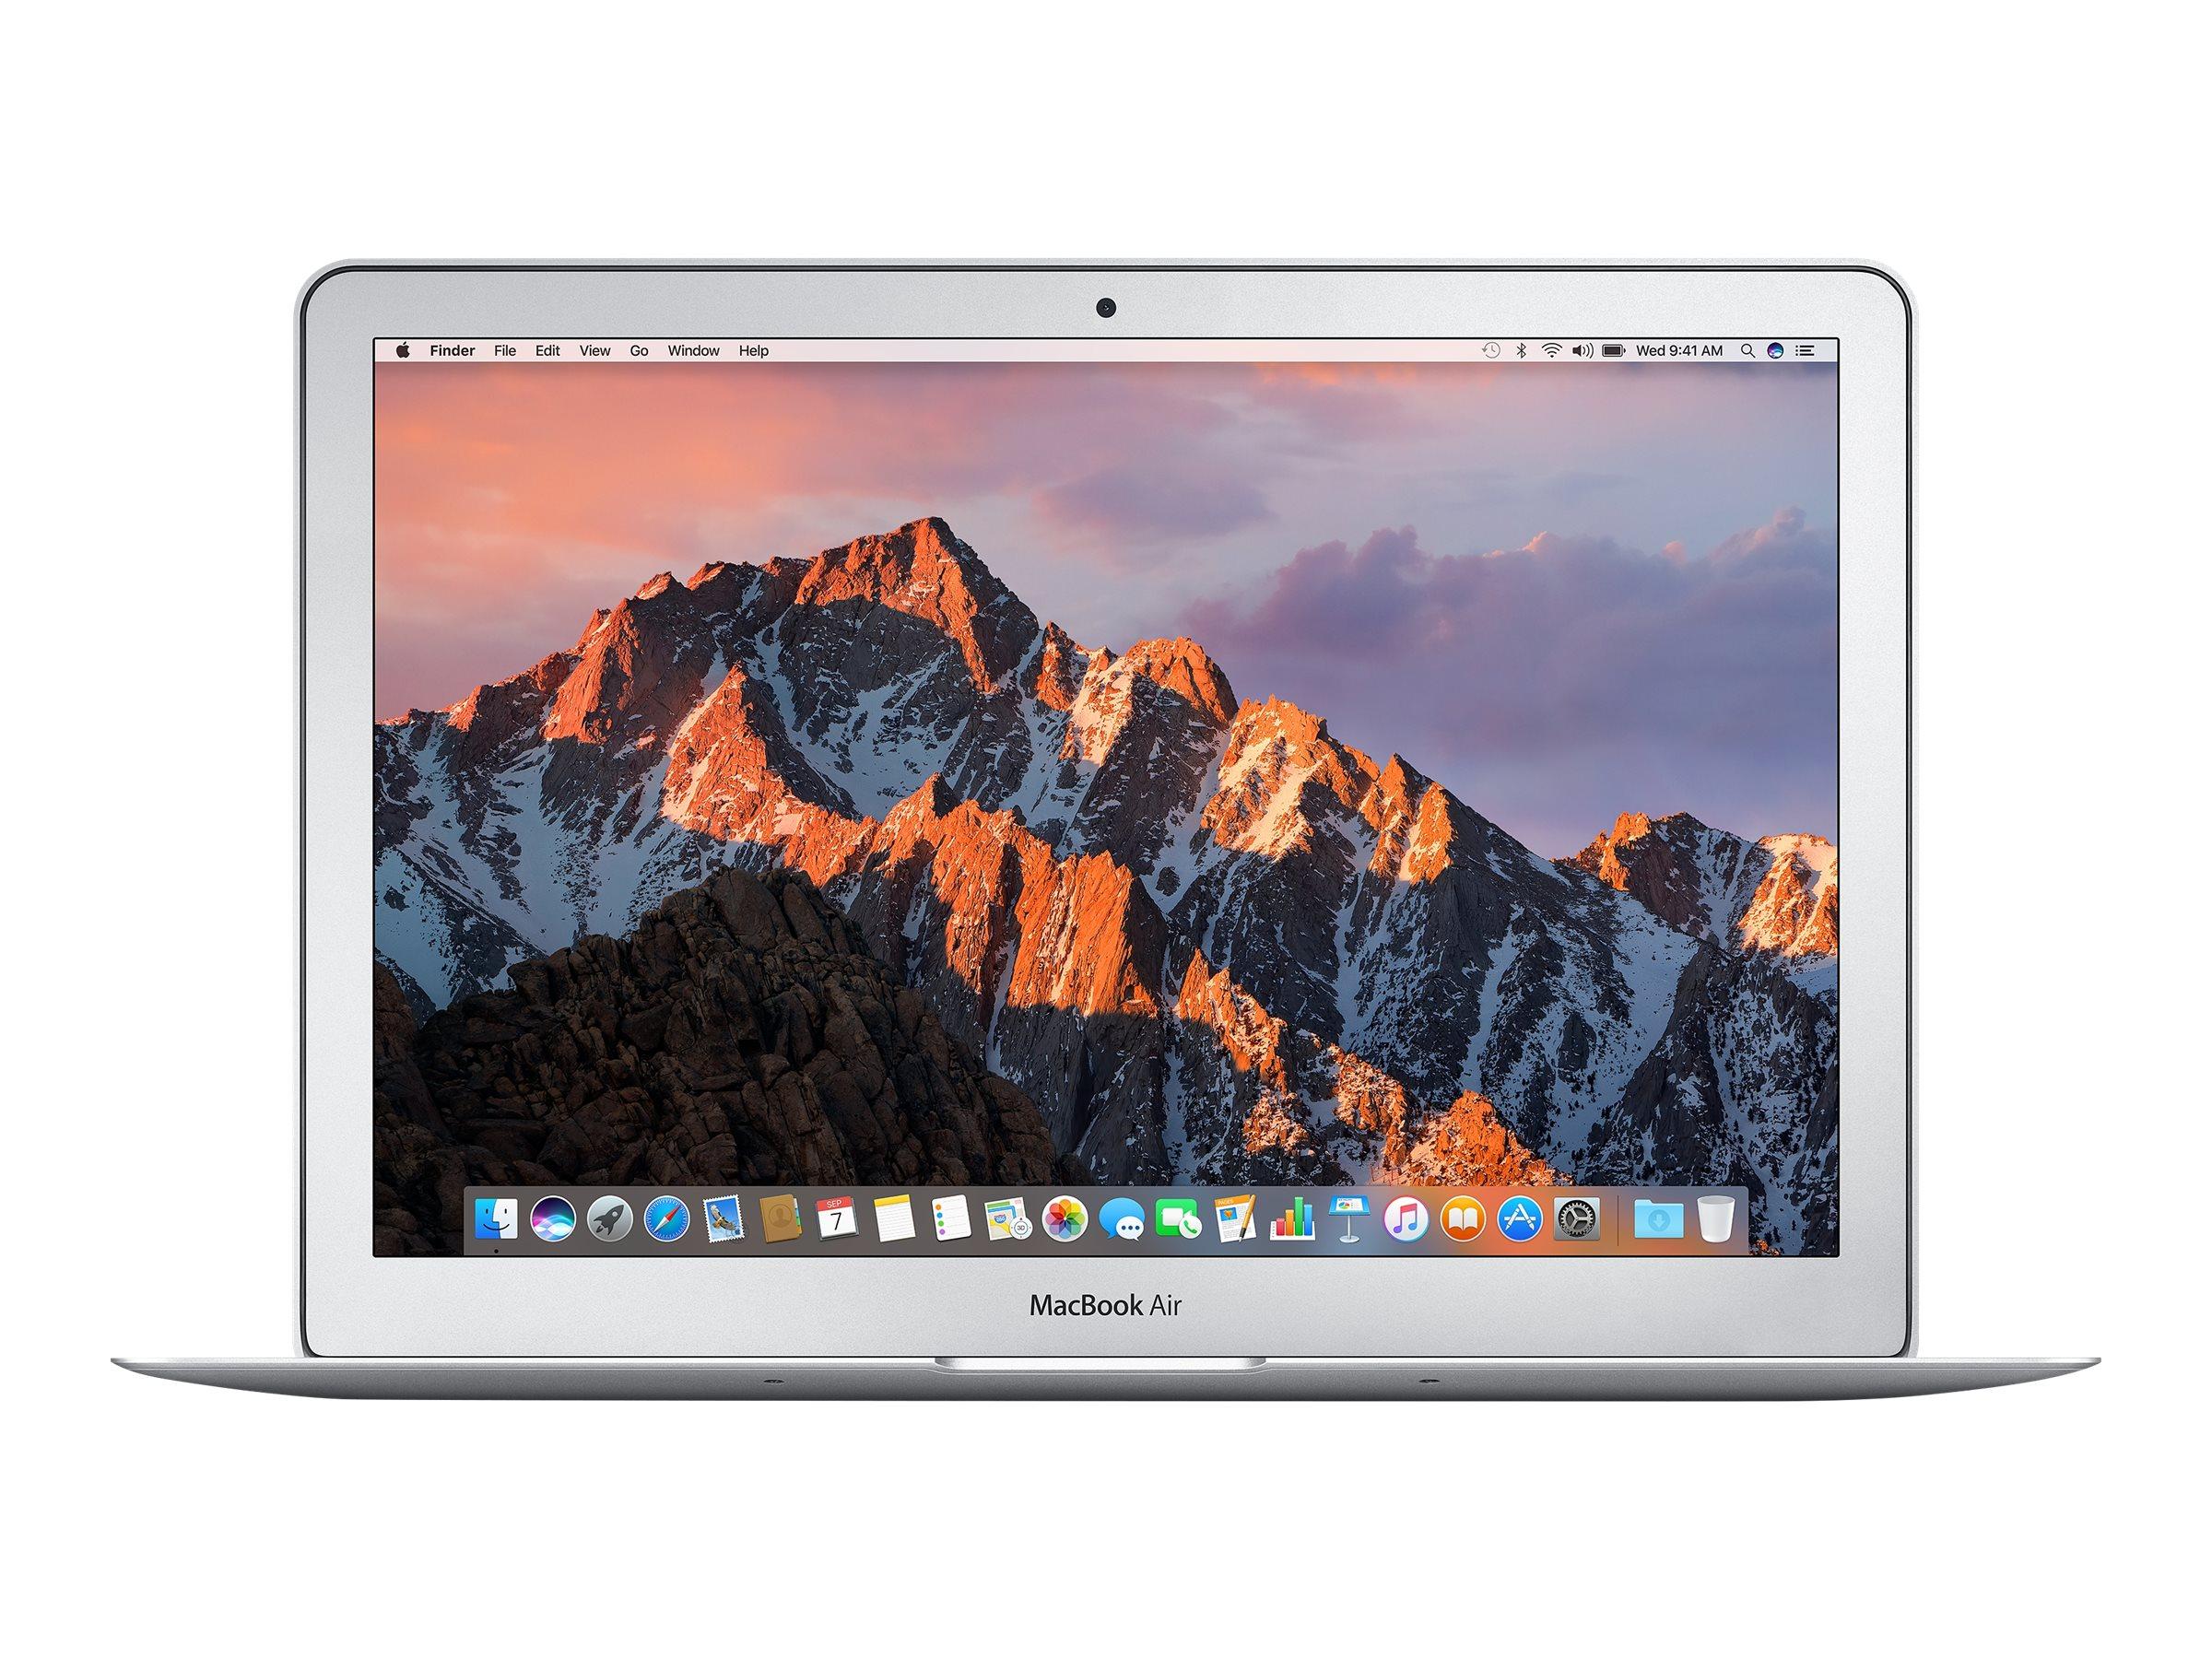 Apple MacBook Air 13 1.8GHz Core i5 8GB 128GB PCIe SSD HD 6000, MQD32LL/A, 34179192, Notebooks - MacBook Air